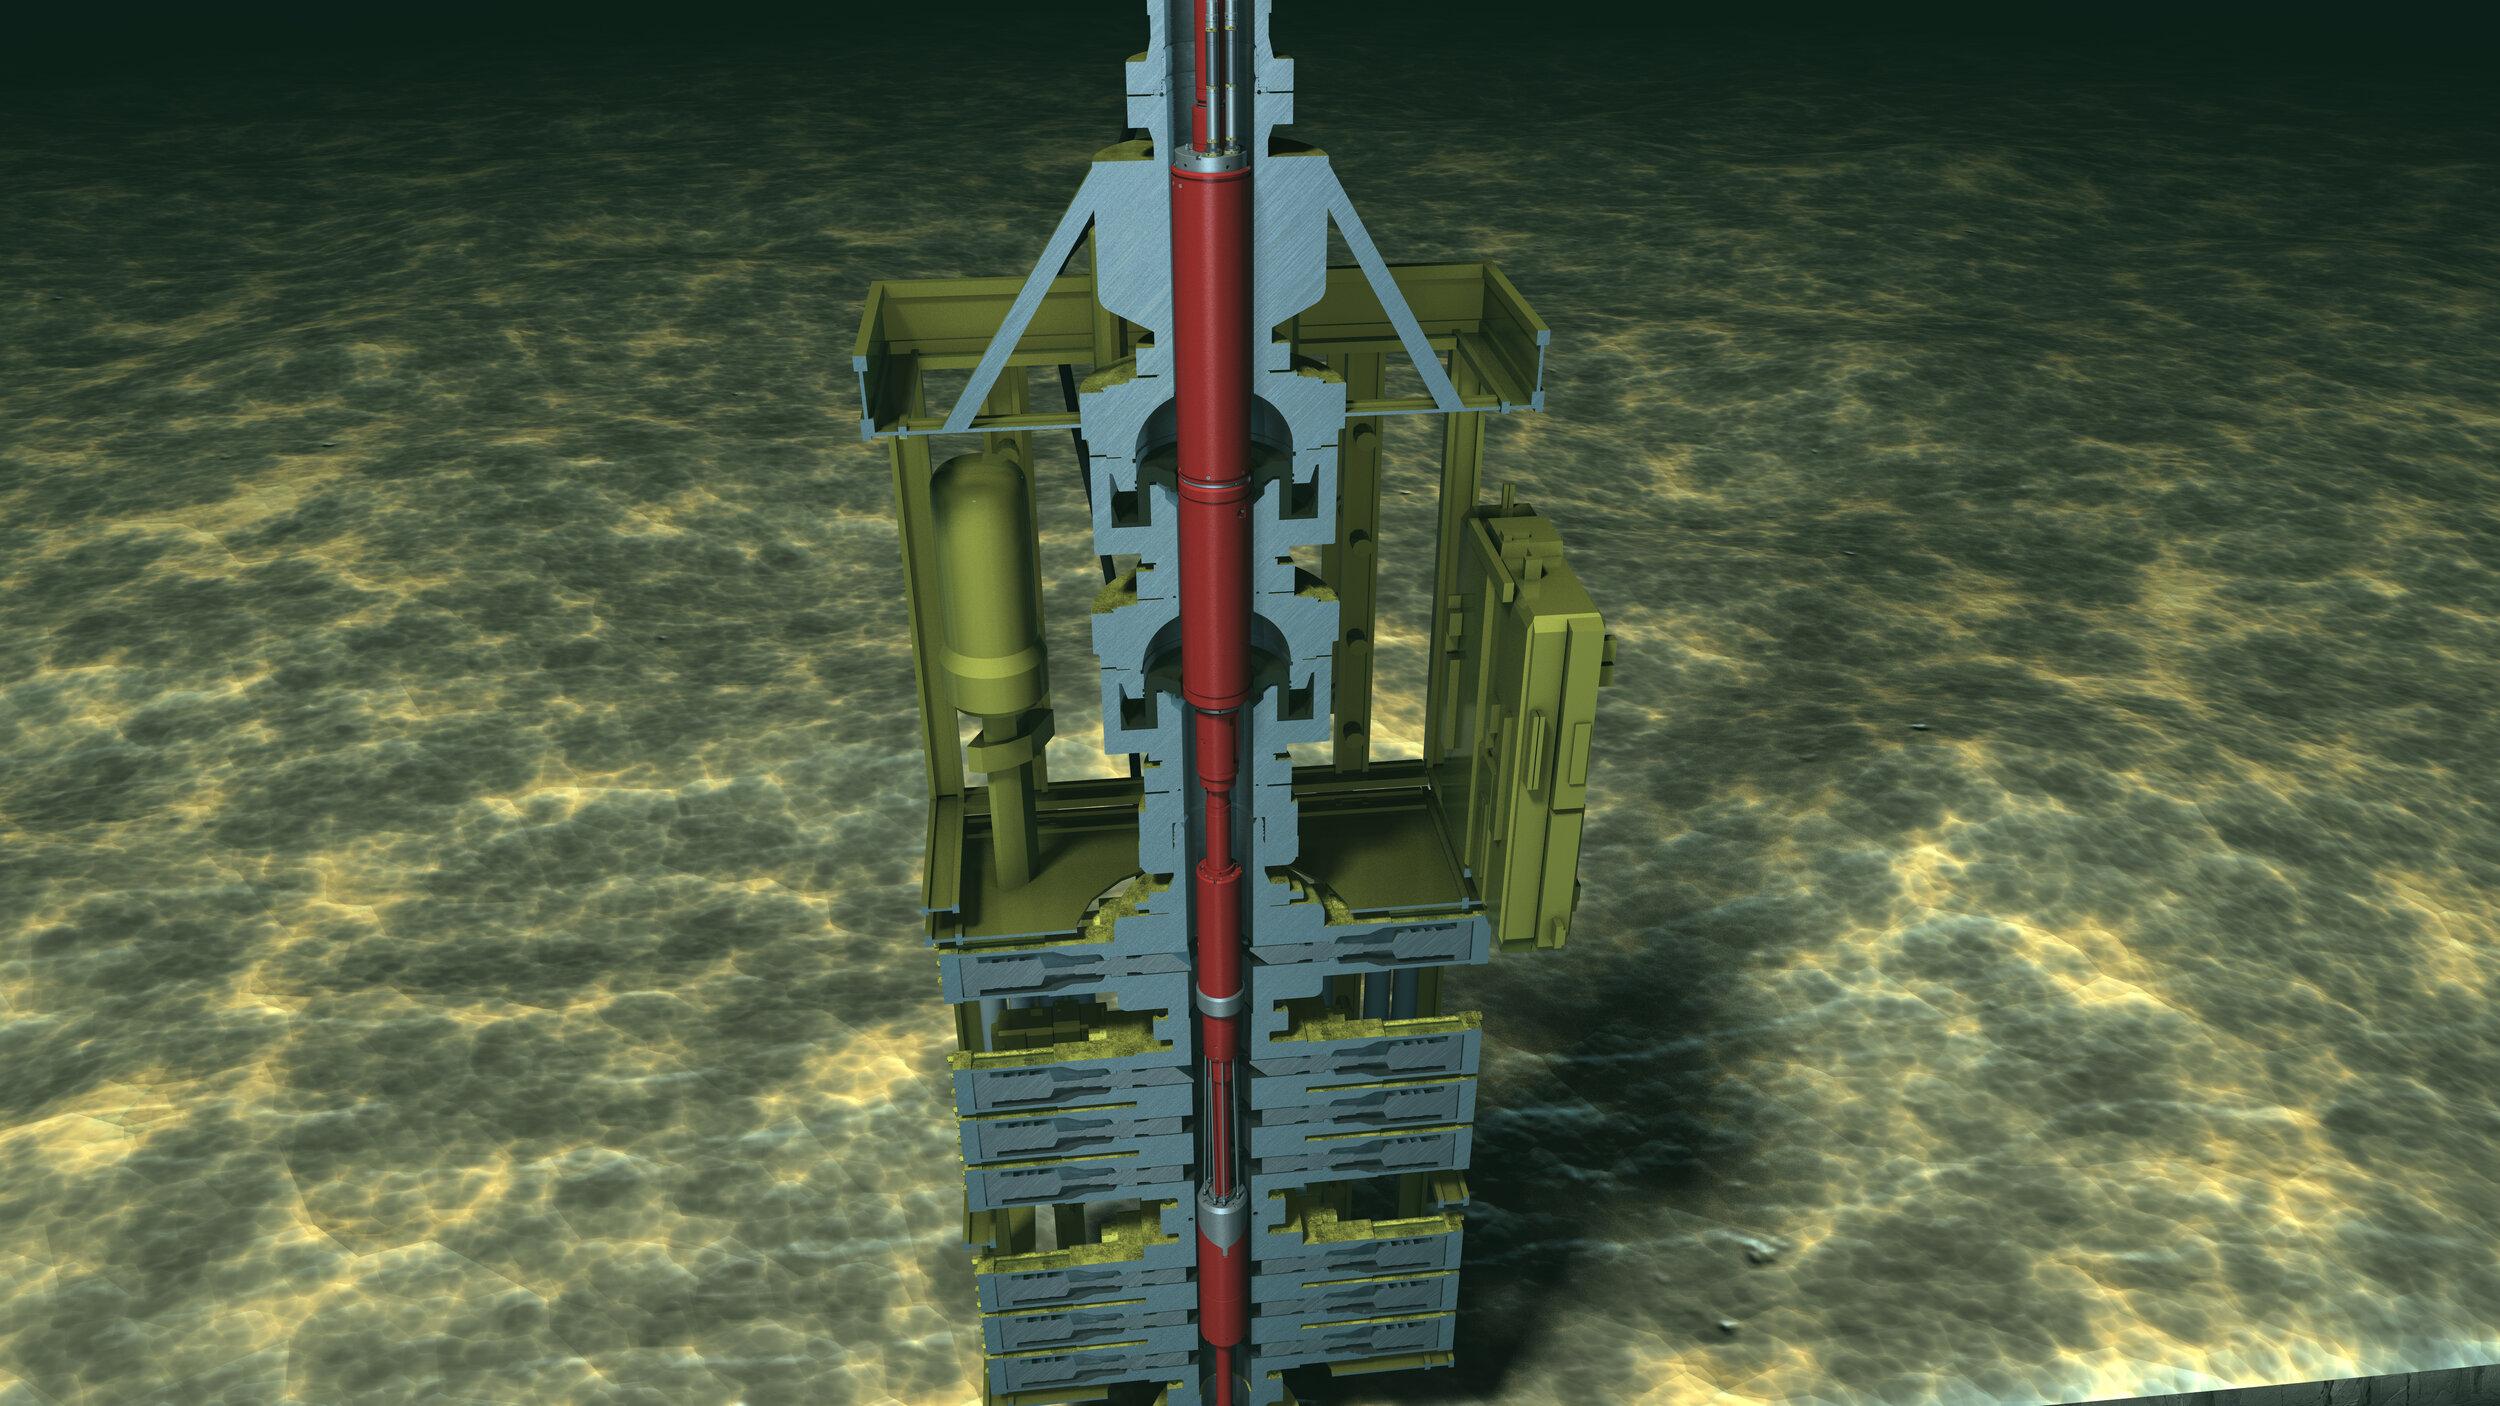 安全到达深水储层